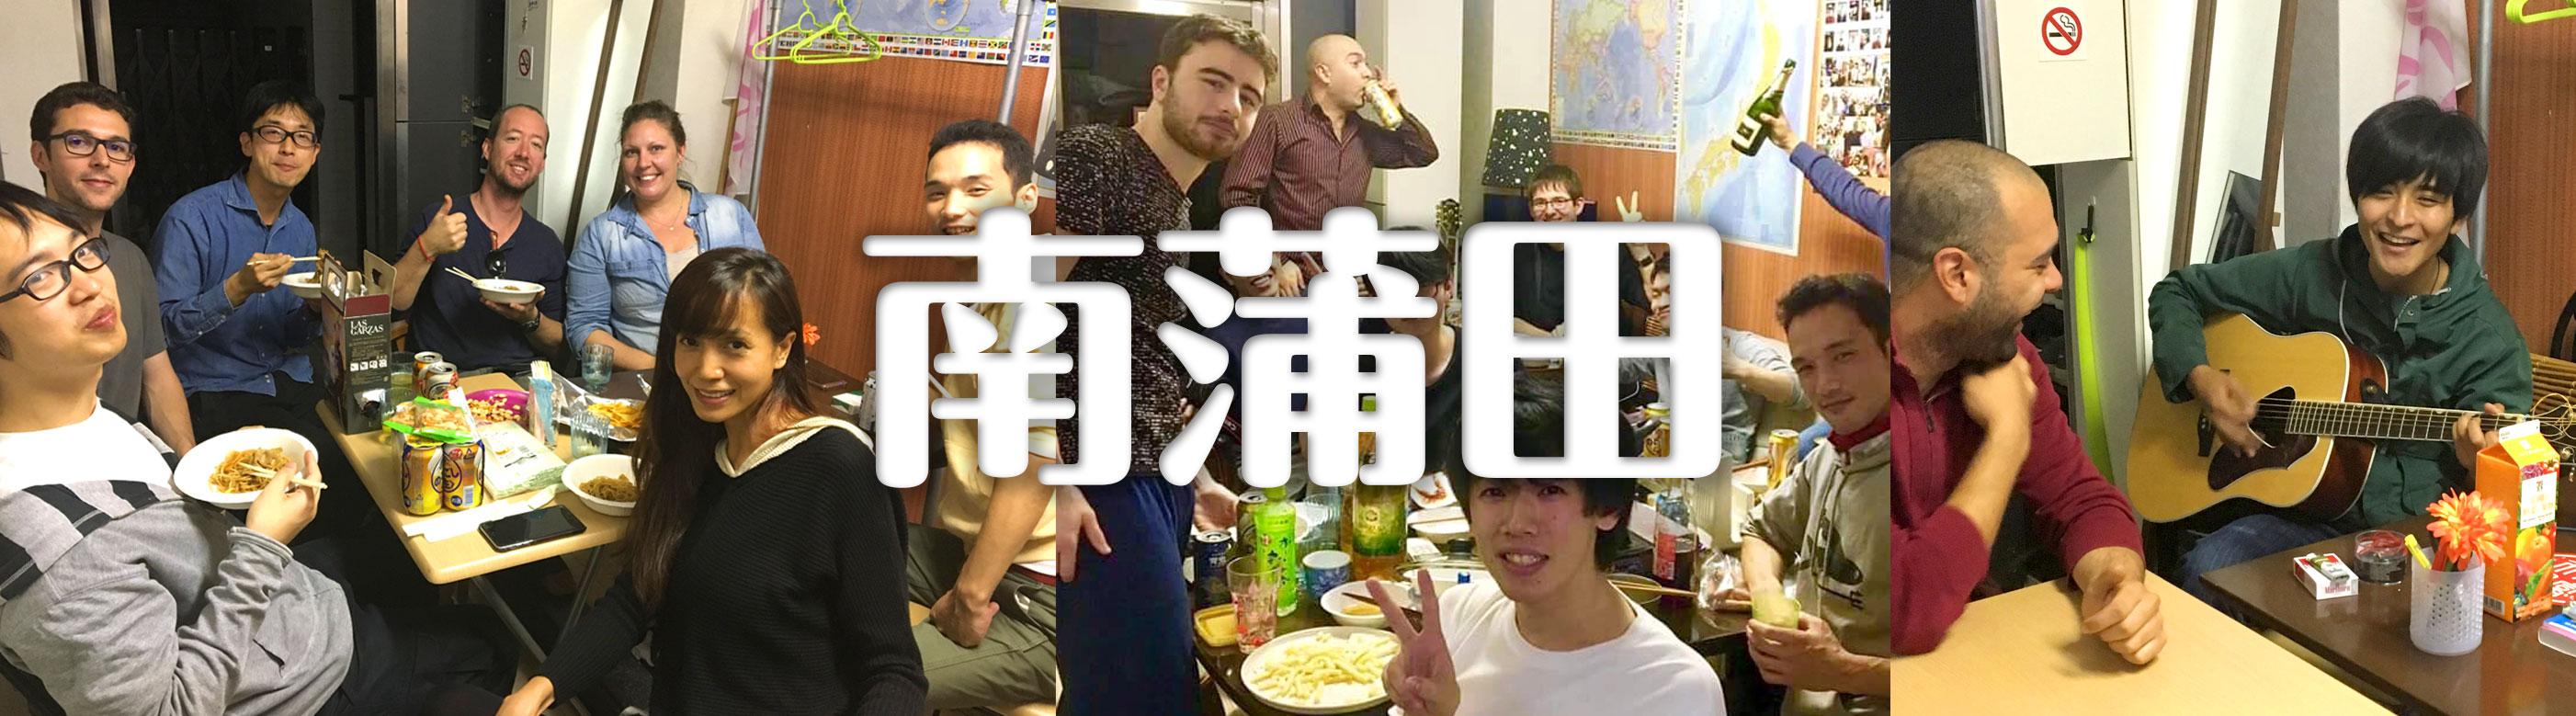 minamikamata_jp